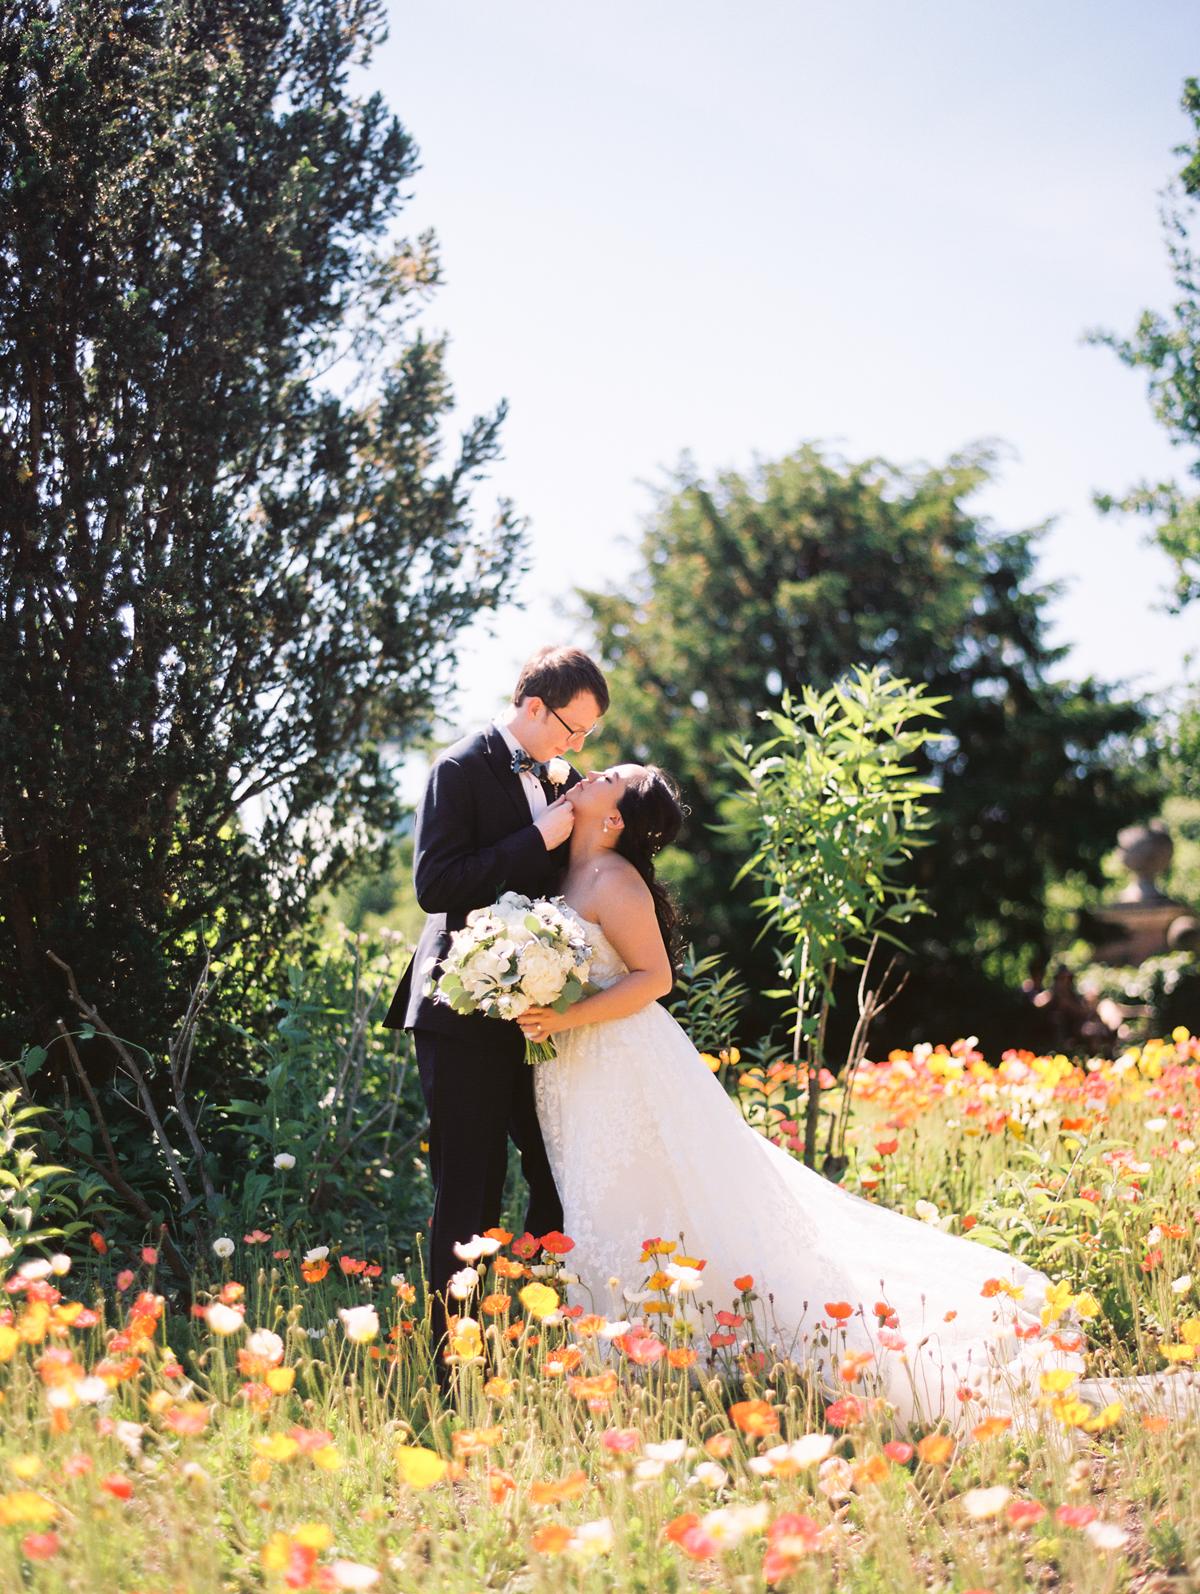 Kristin-La-Voie-Photography-Noahs-Lincolnshire-Wedding-430